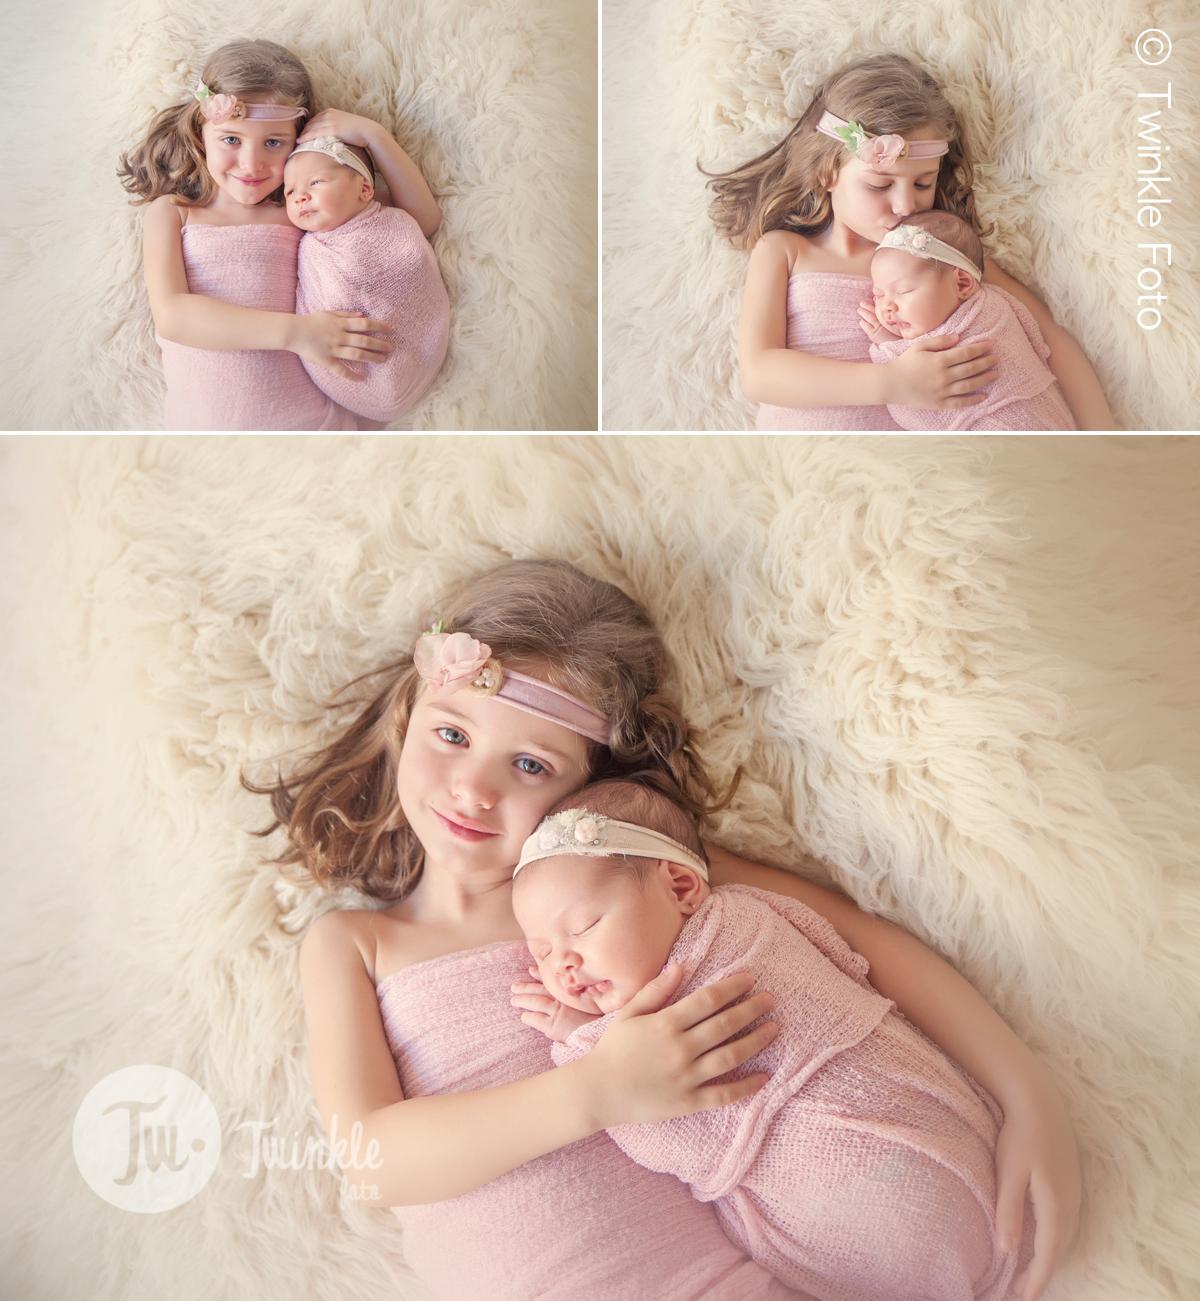 fotos_bebe_recien_nacido_valencia_newborn_elena01